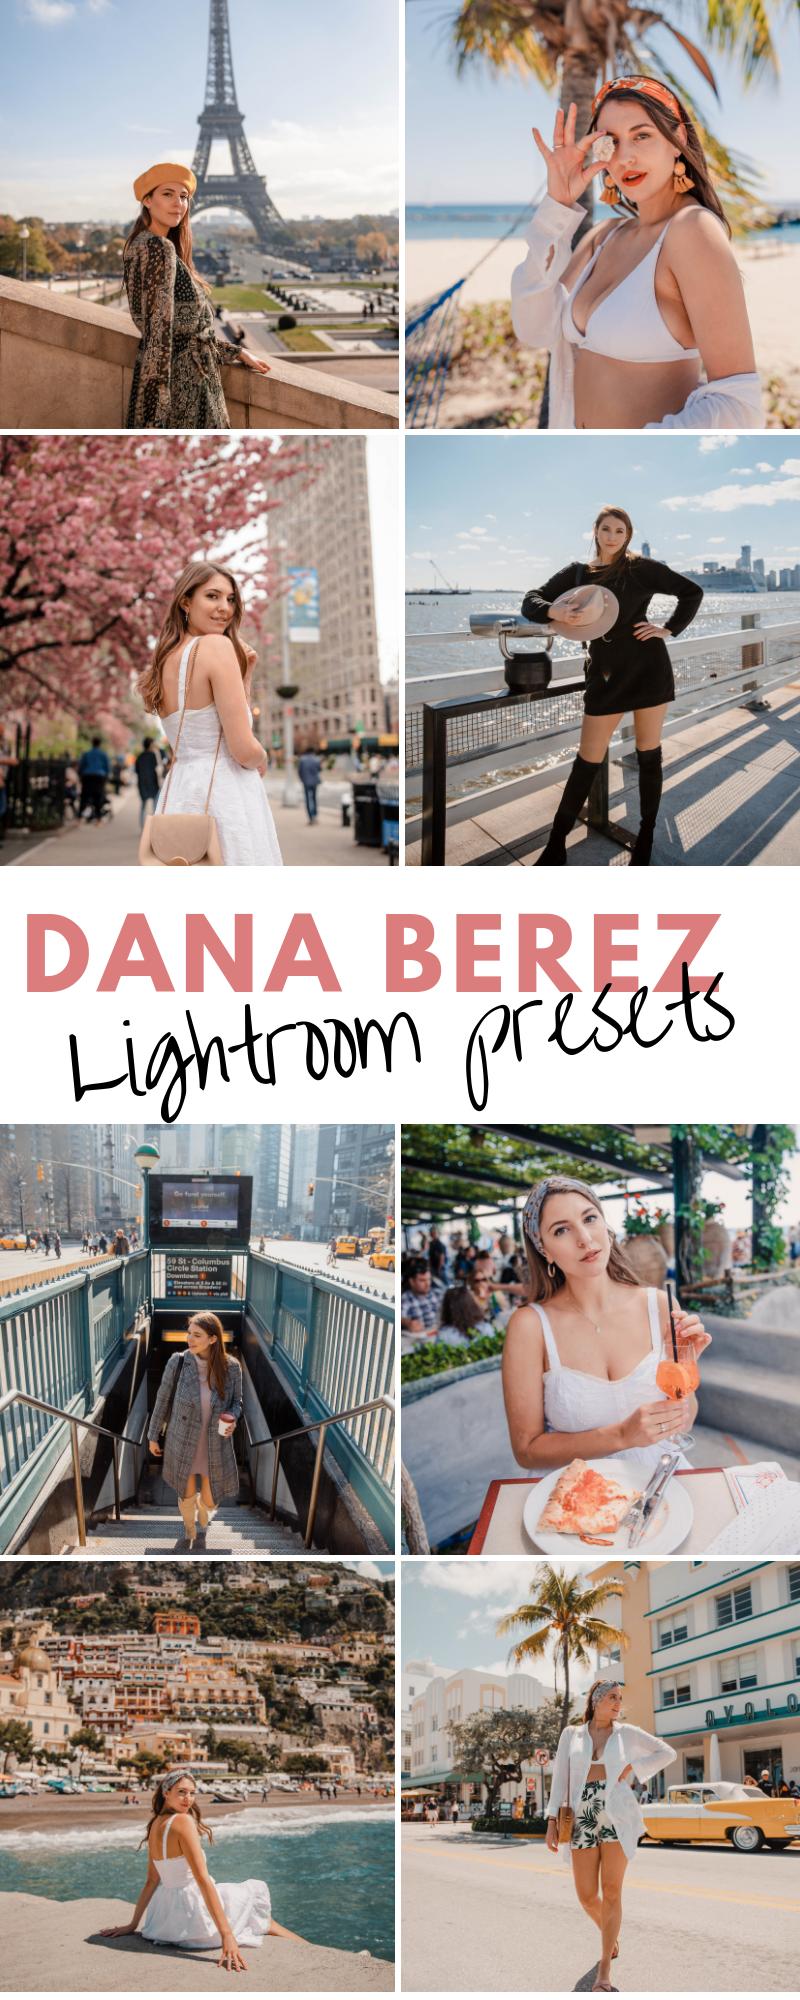 Blogger Lightroom Presets for Instagram Dana Berez Presets Bundle 1